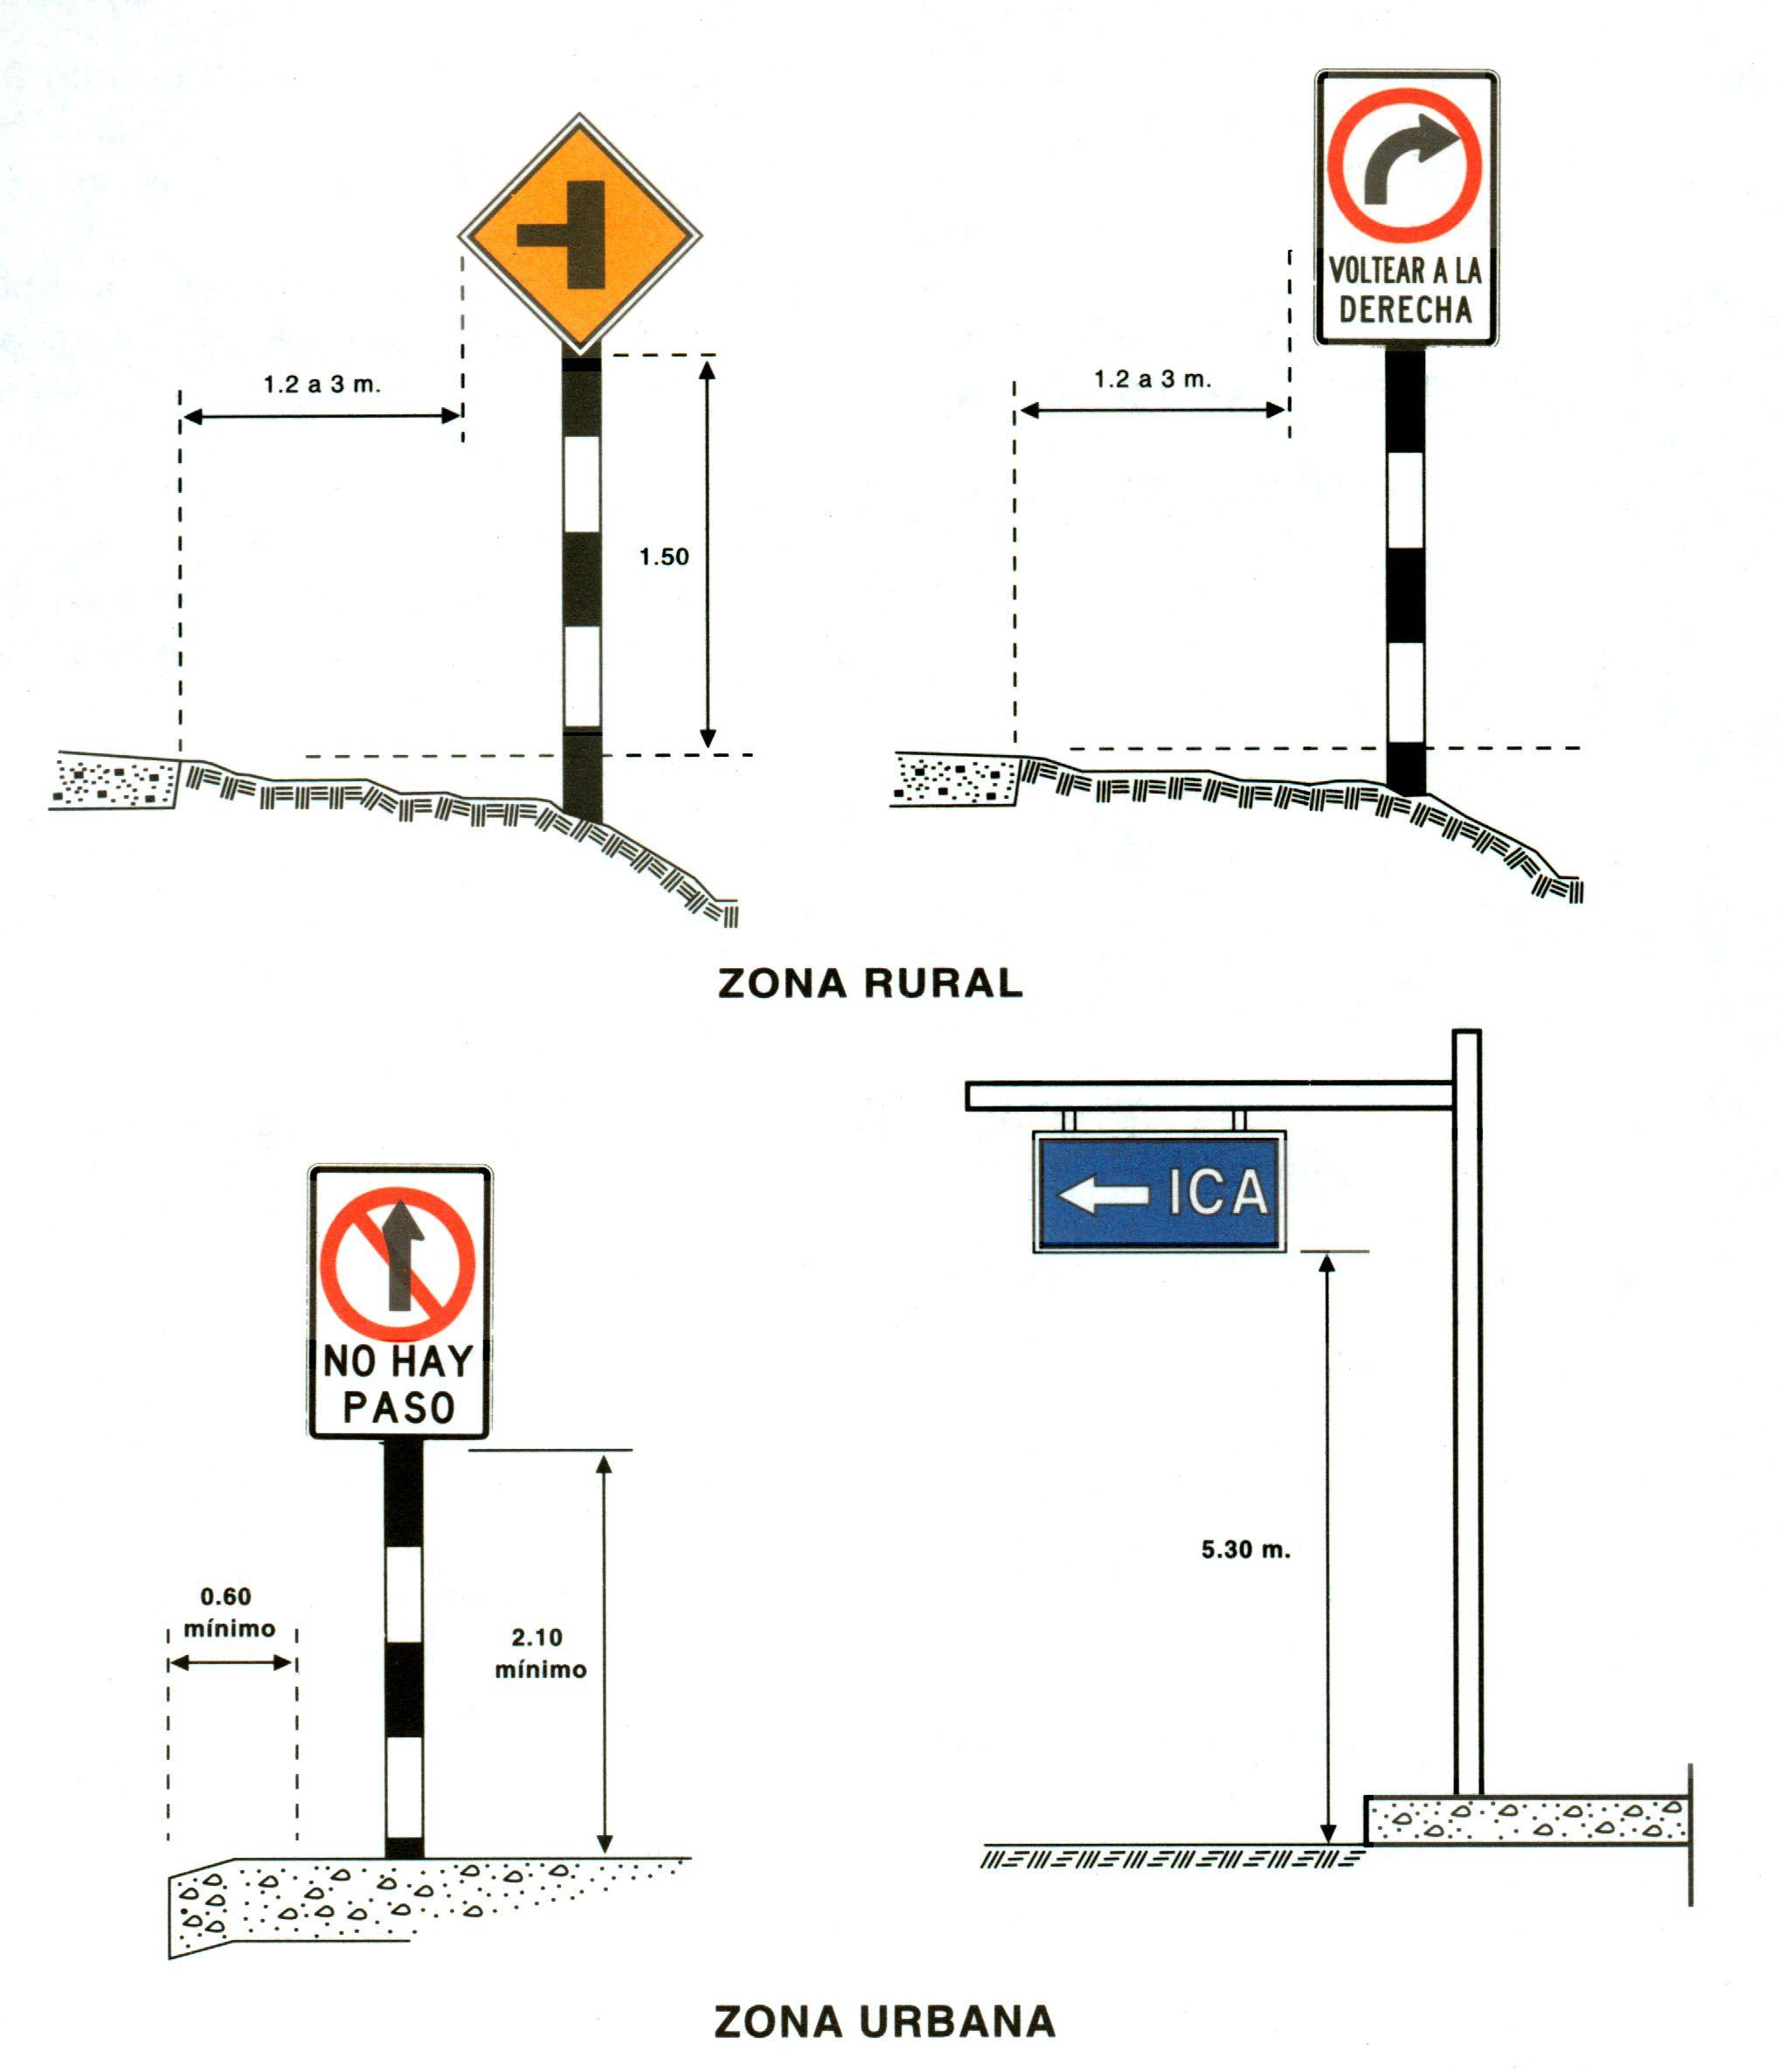 Manual de Dispositivos de Control del Tránsito Automotor